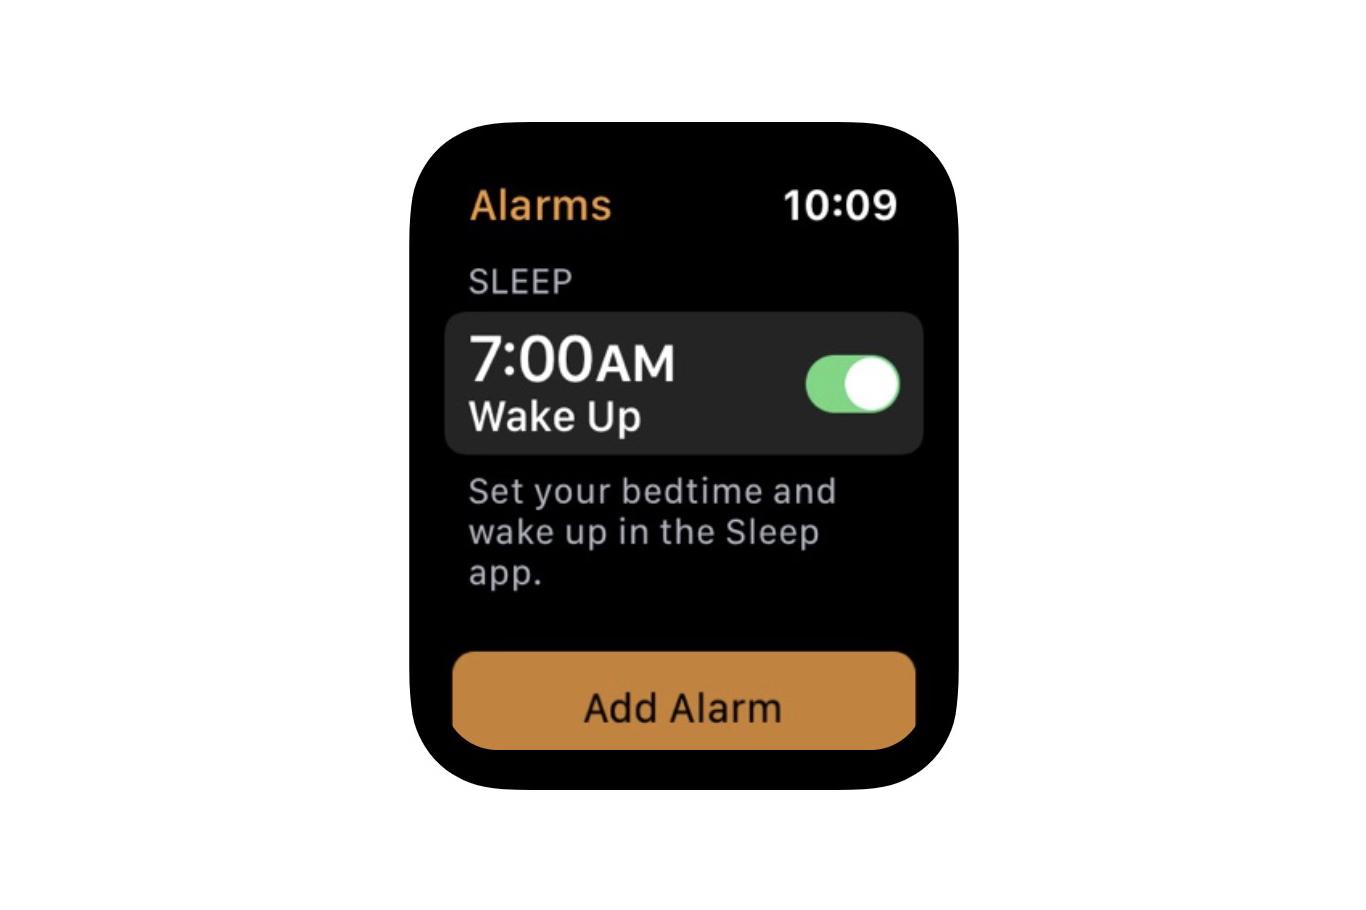 开发者发现 Apple Watch 将在日后更新带来睡眠应用程序